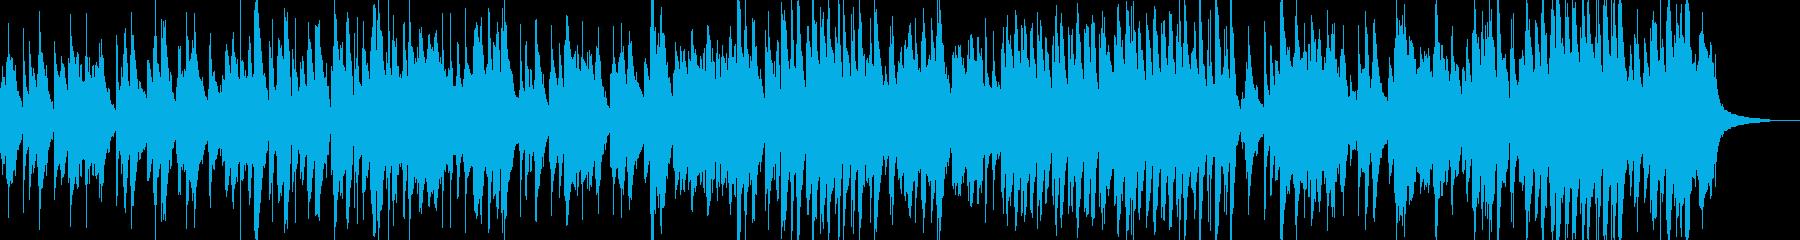 ピアノトリオJAZZの再生済みの波形